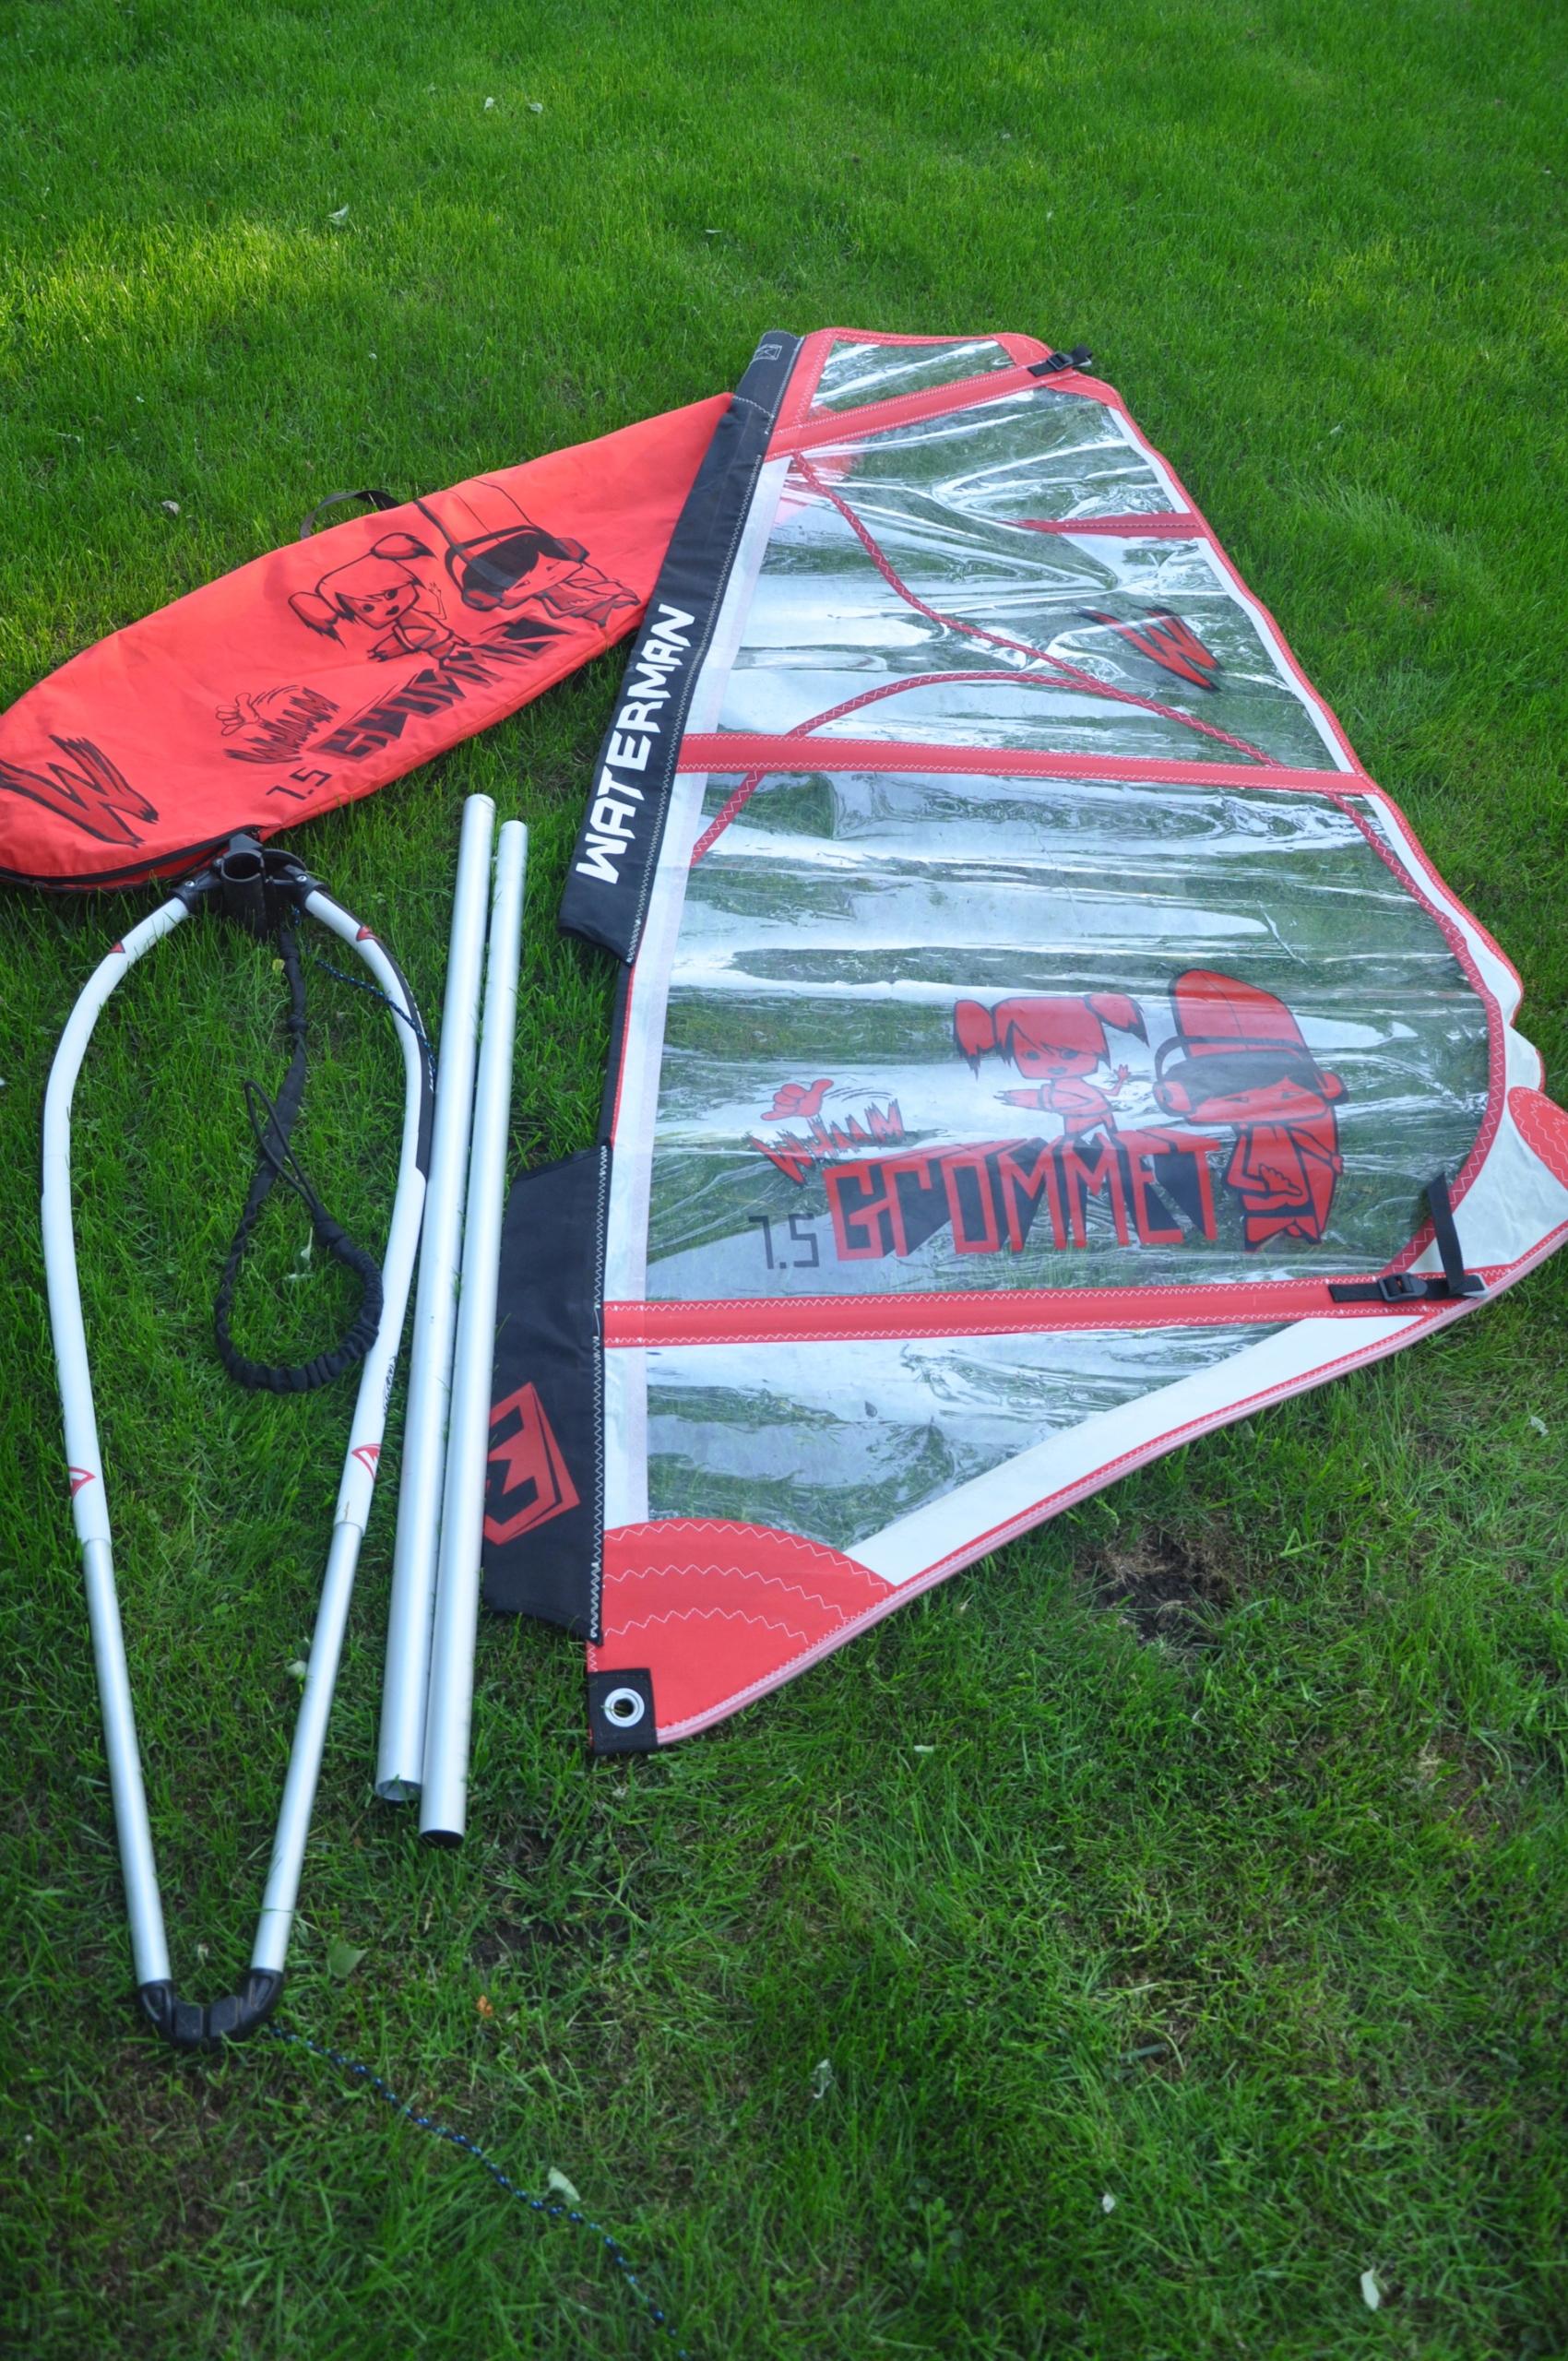 żagiel (pędnik) windsurfing dziecięcy Kraków tanio